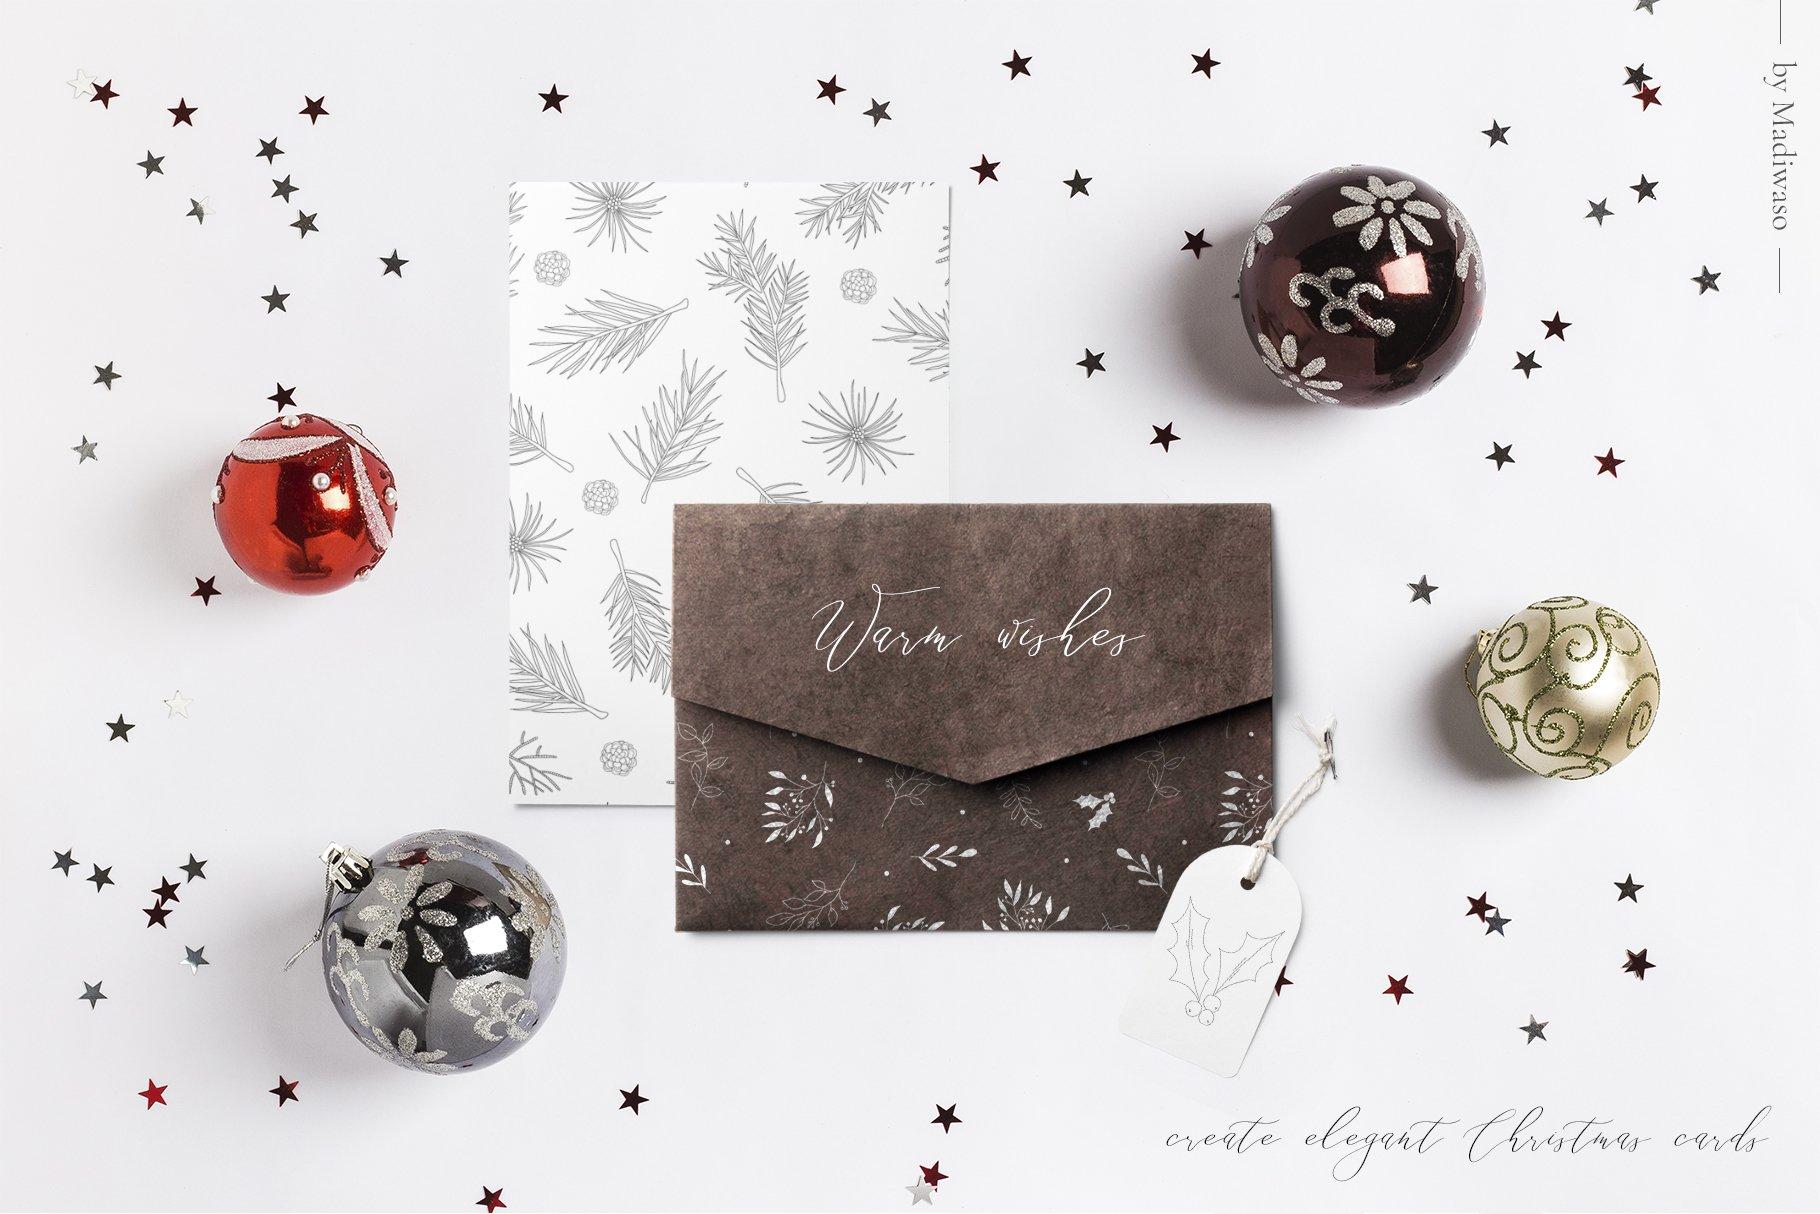 圣诞节主题手绘树叶画框矢量图形设计素材 Christmas Holiday Collection插图(2)